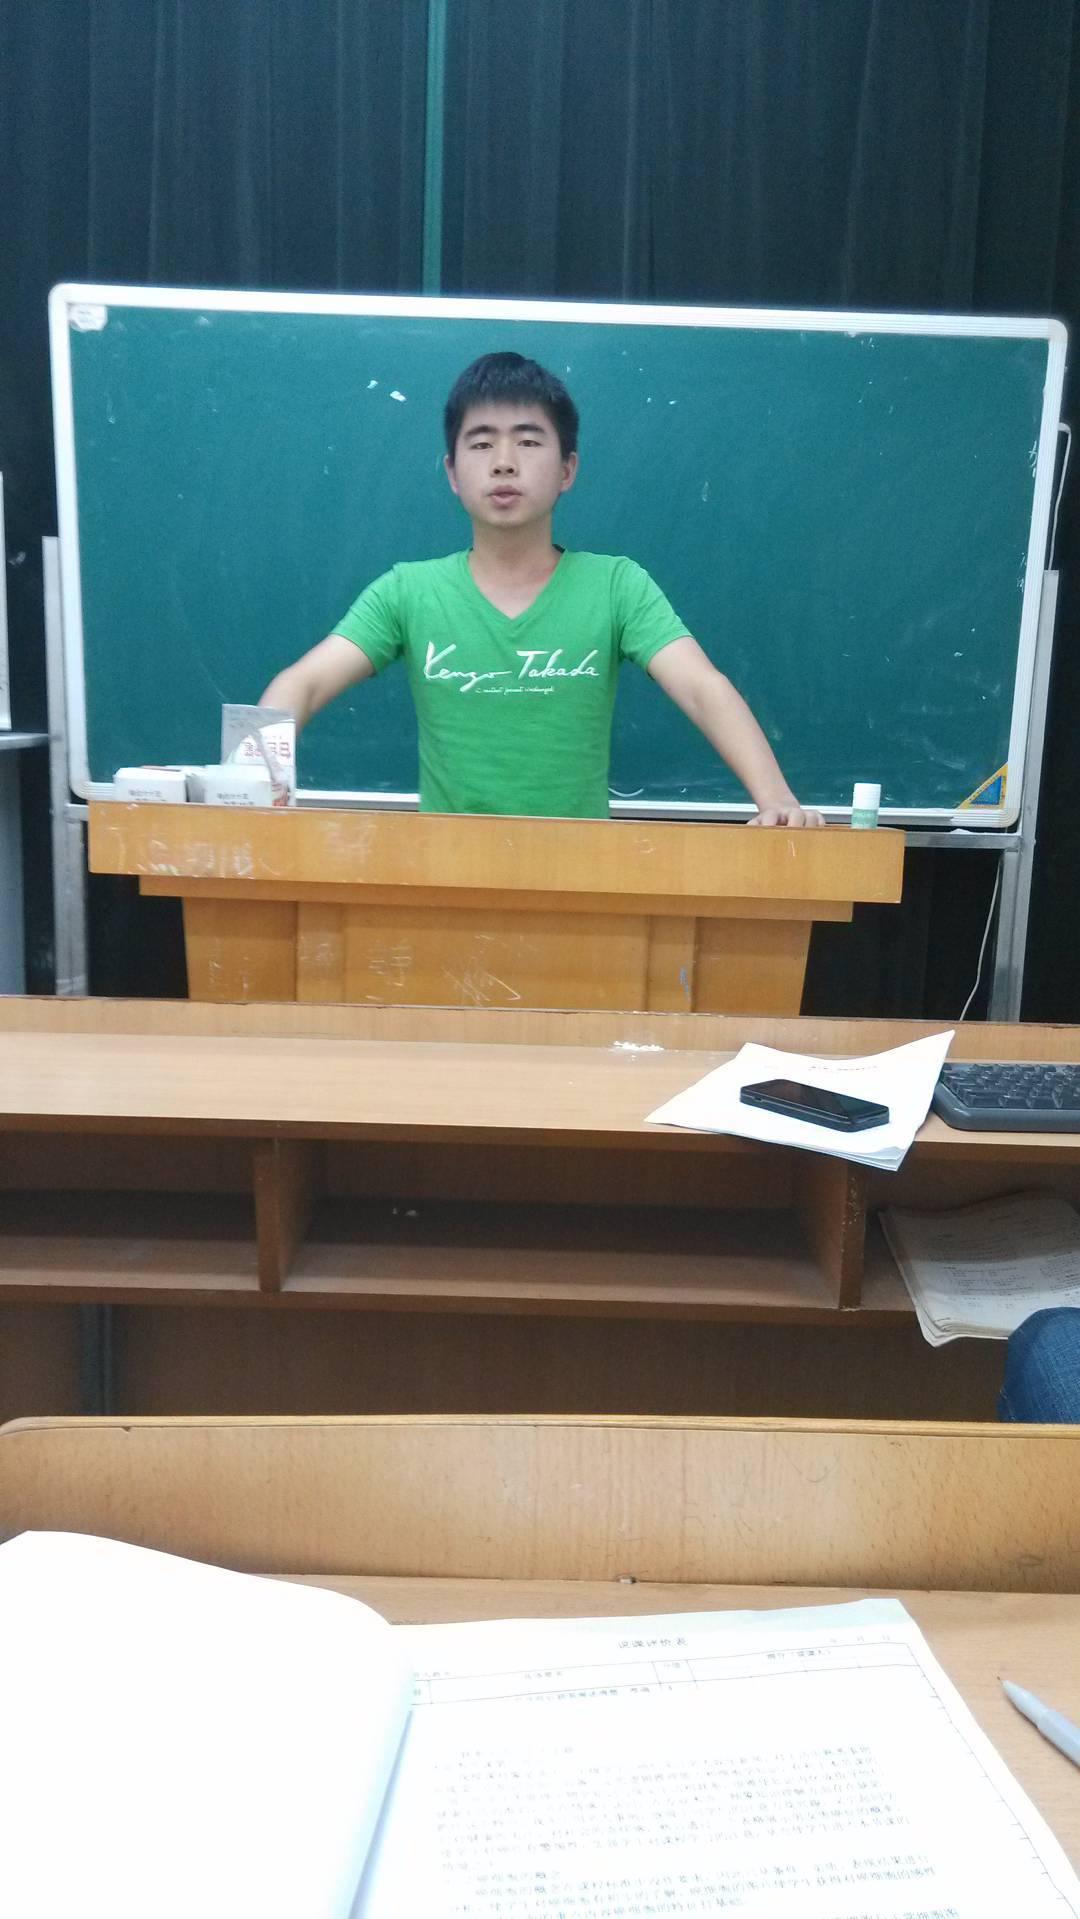 苏州家教纪教员